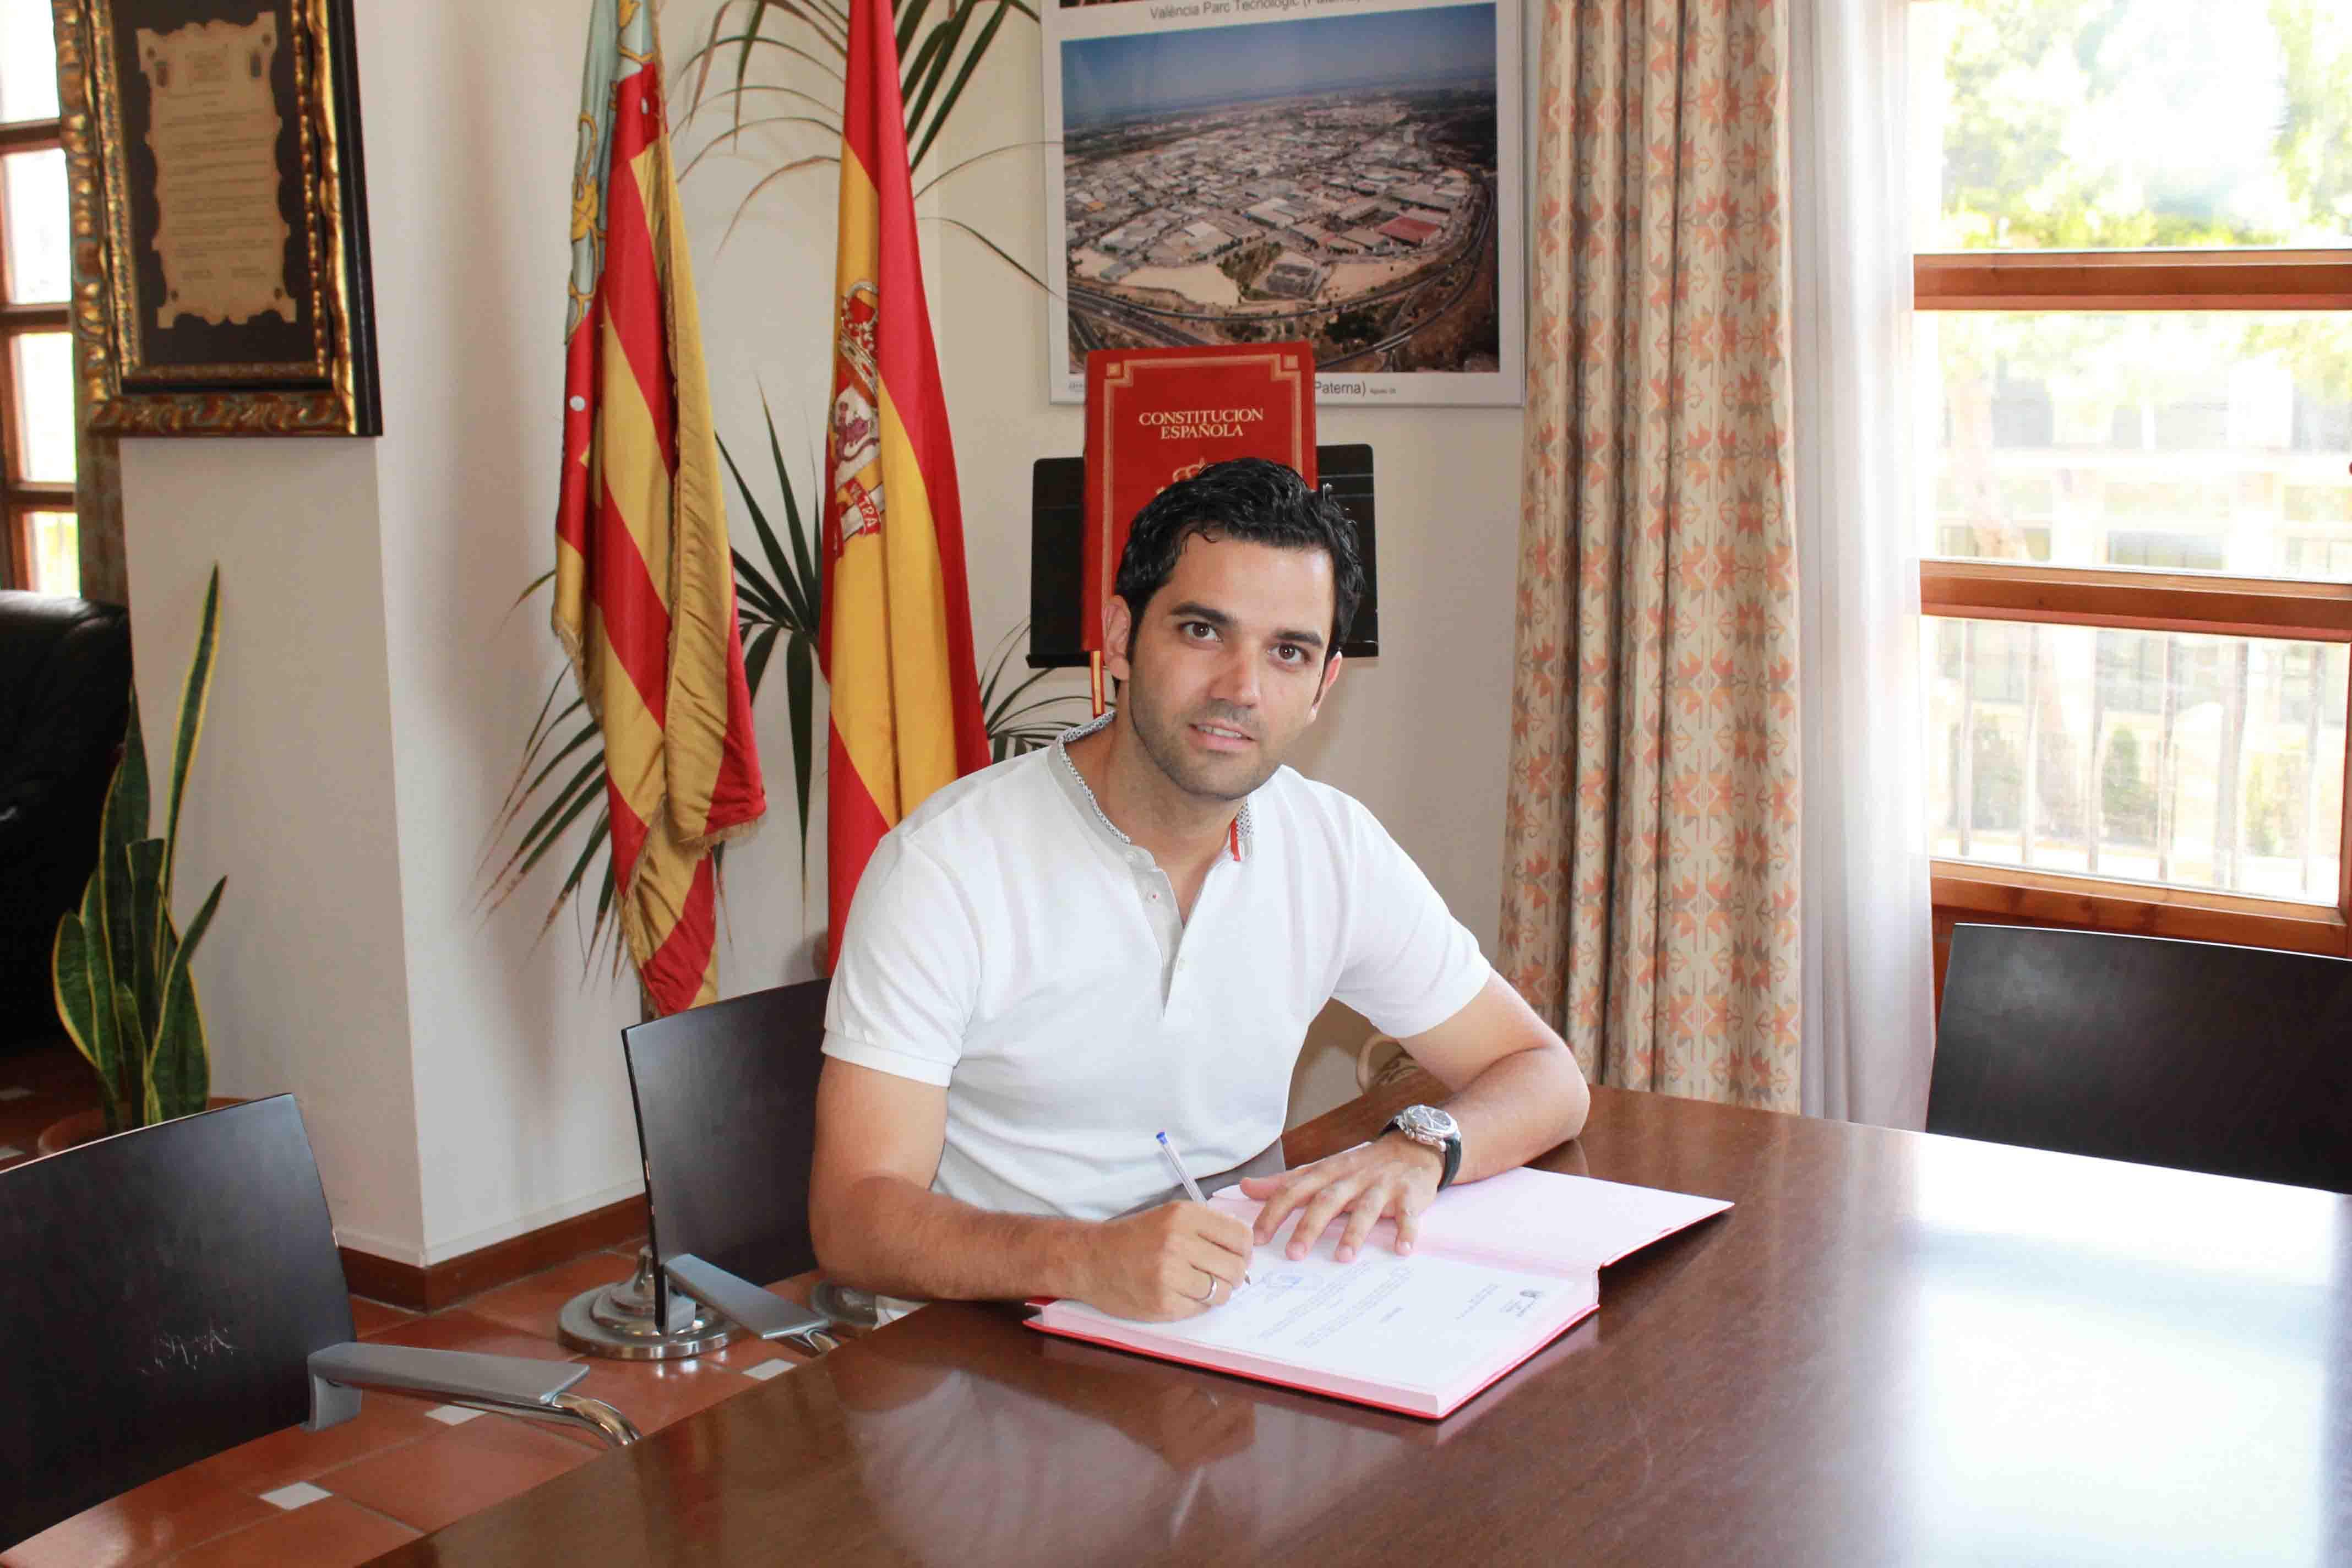 Revisión catastral y bolsa de empleo rotativa, primeras medidas del alcalde de Paterna